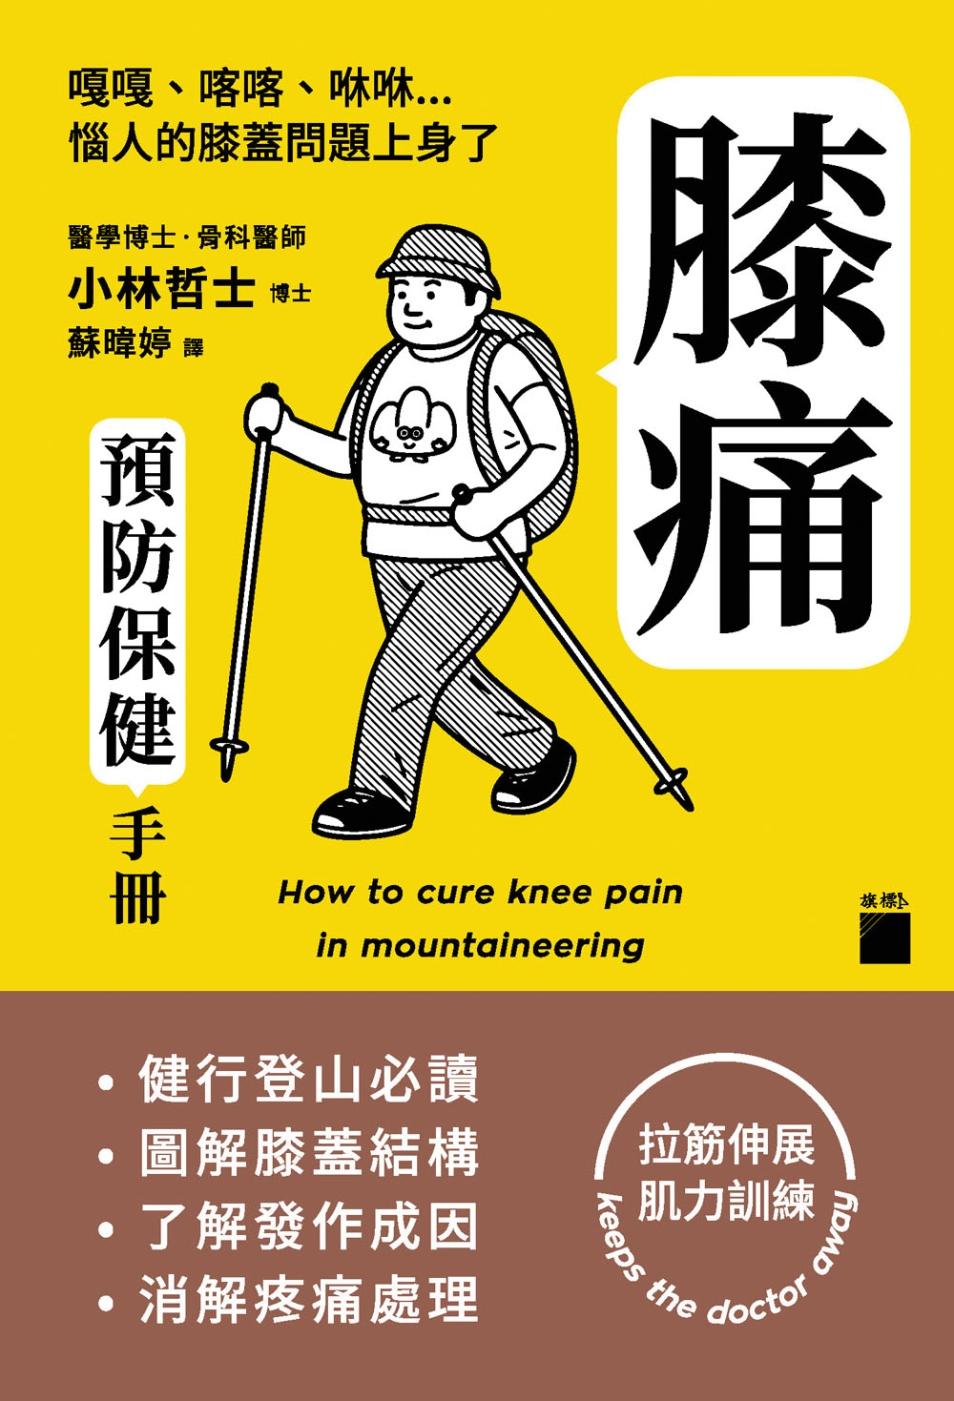 膝痛預防保健手冊...